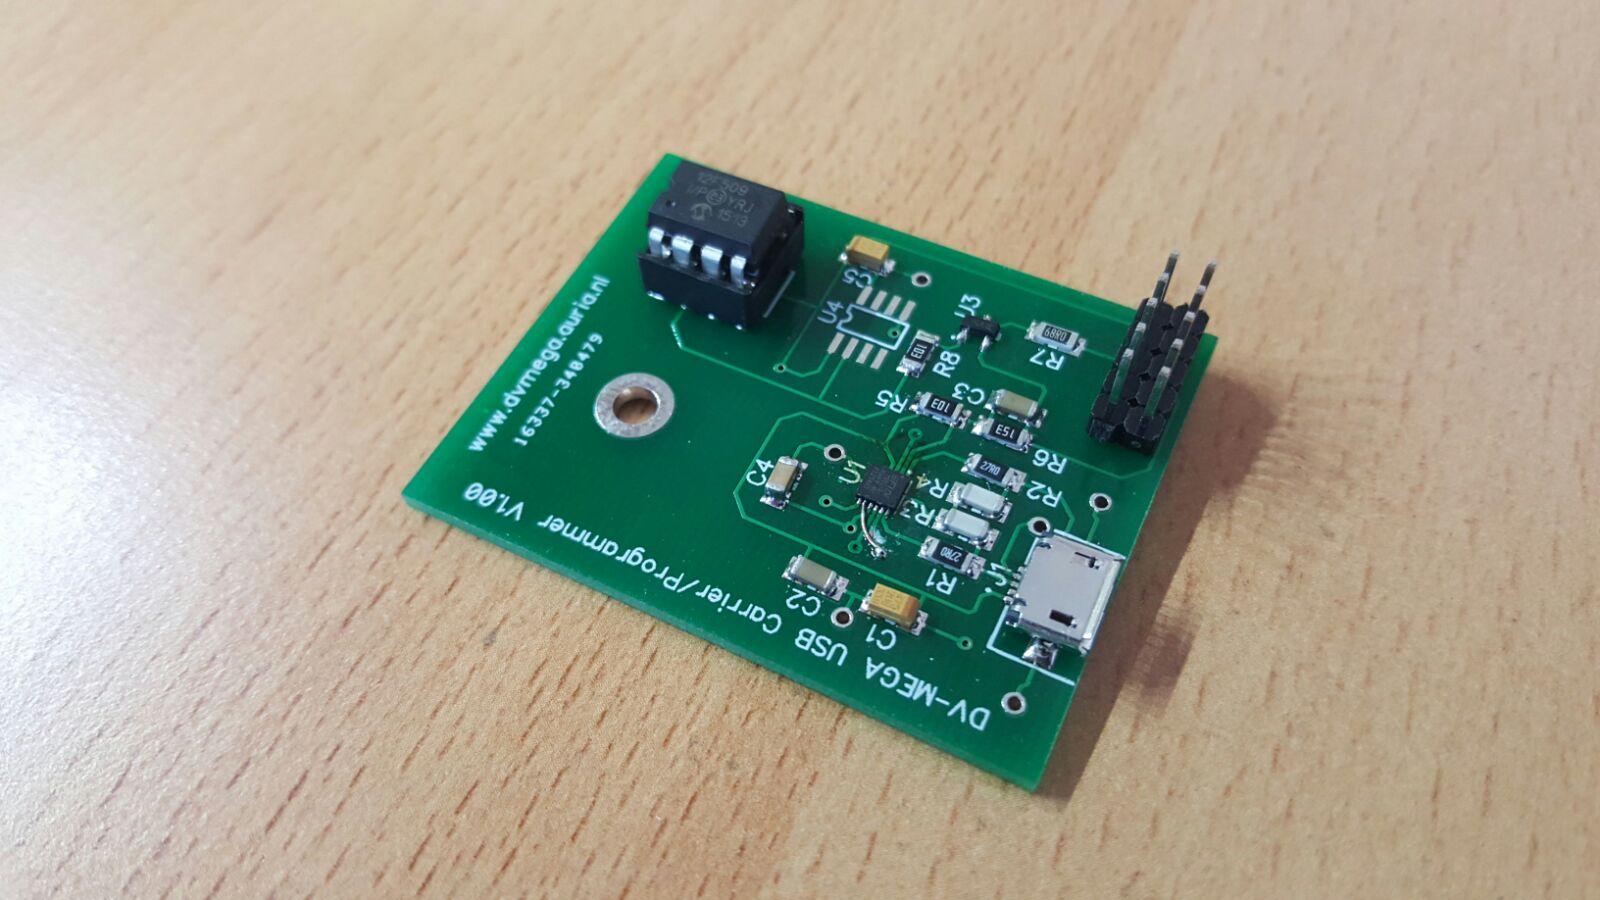 DV-MEGA USB carrier-programmer